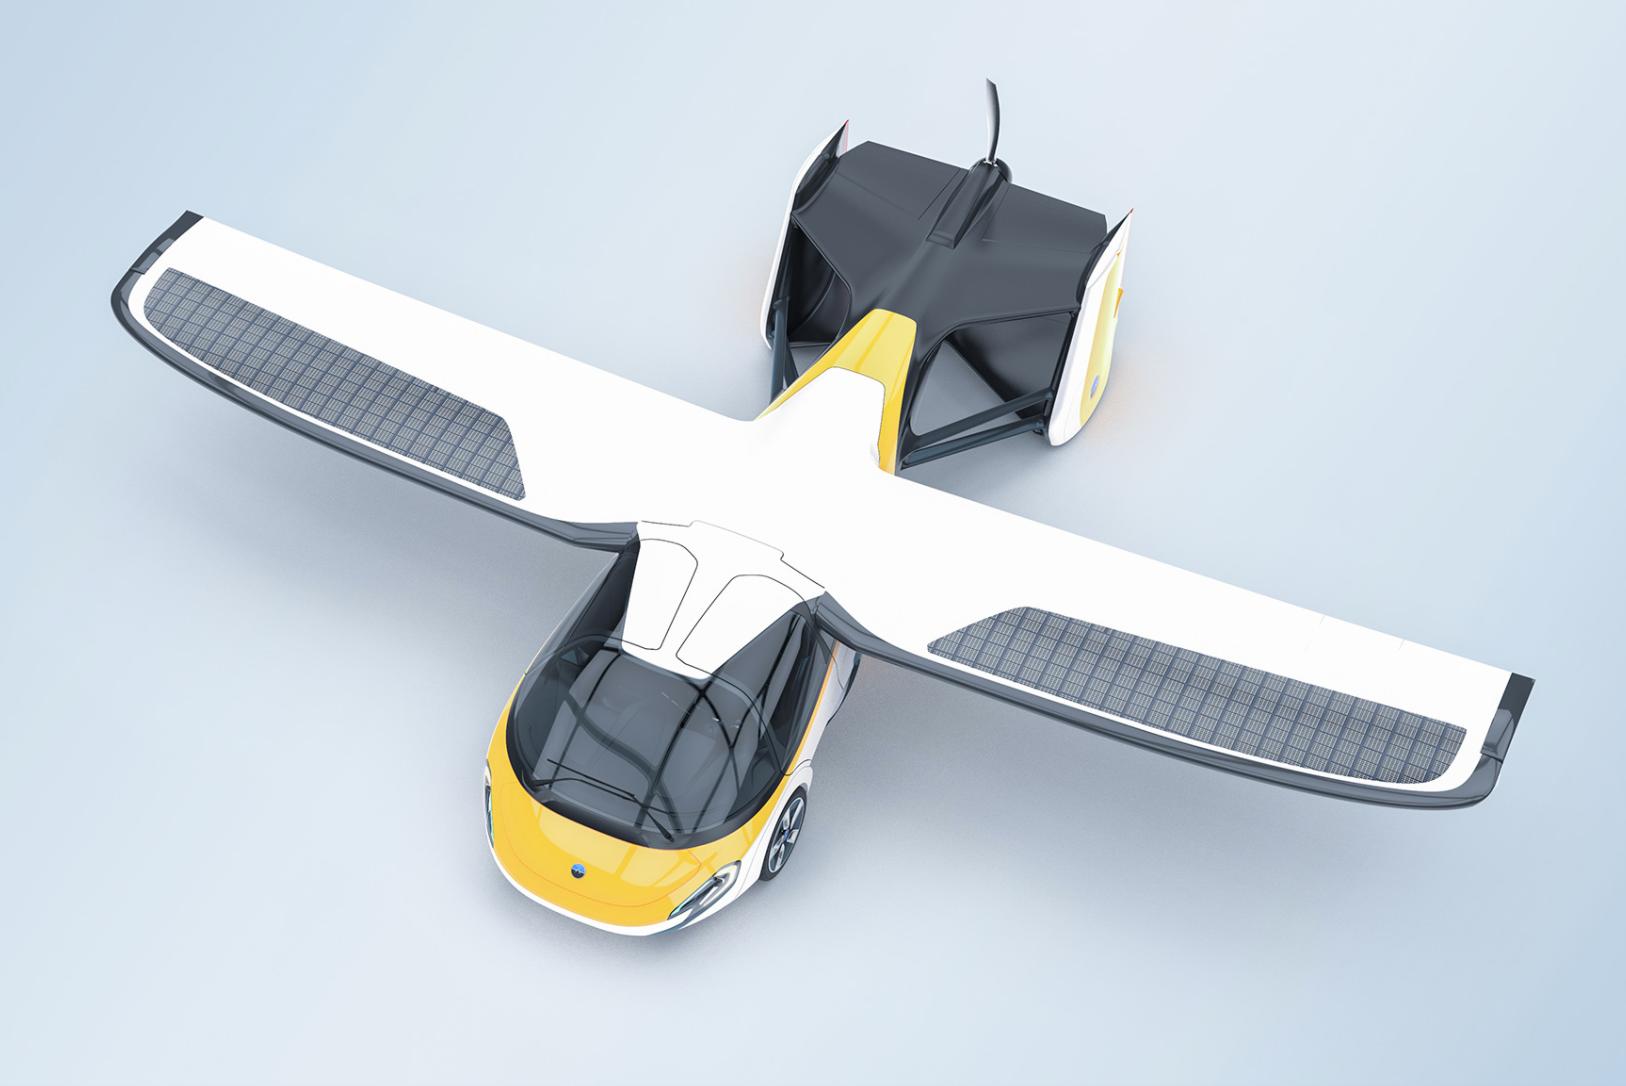 AeroMobil 4.0 VTOL Concept